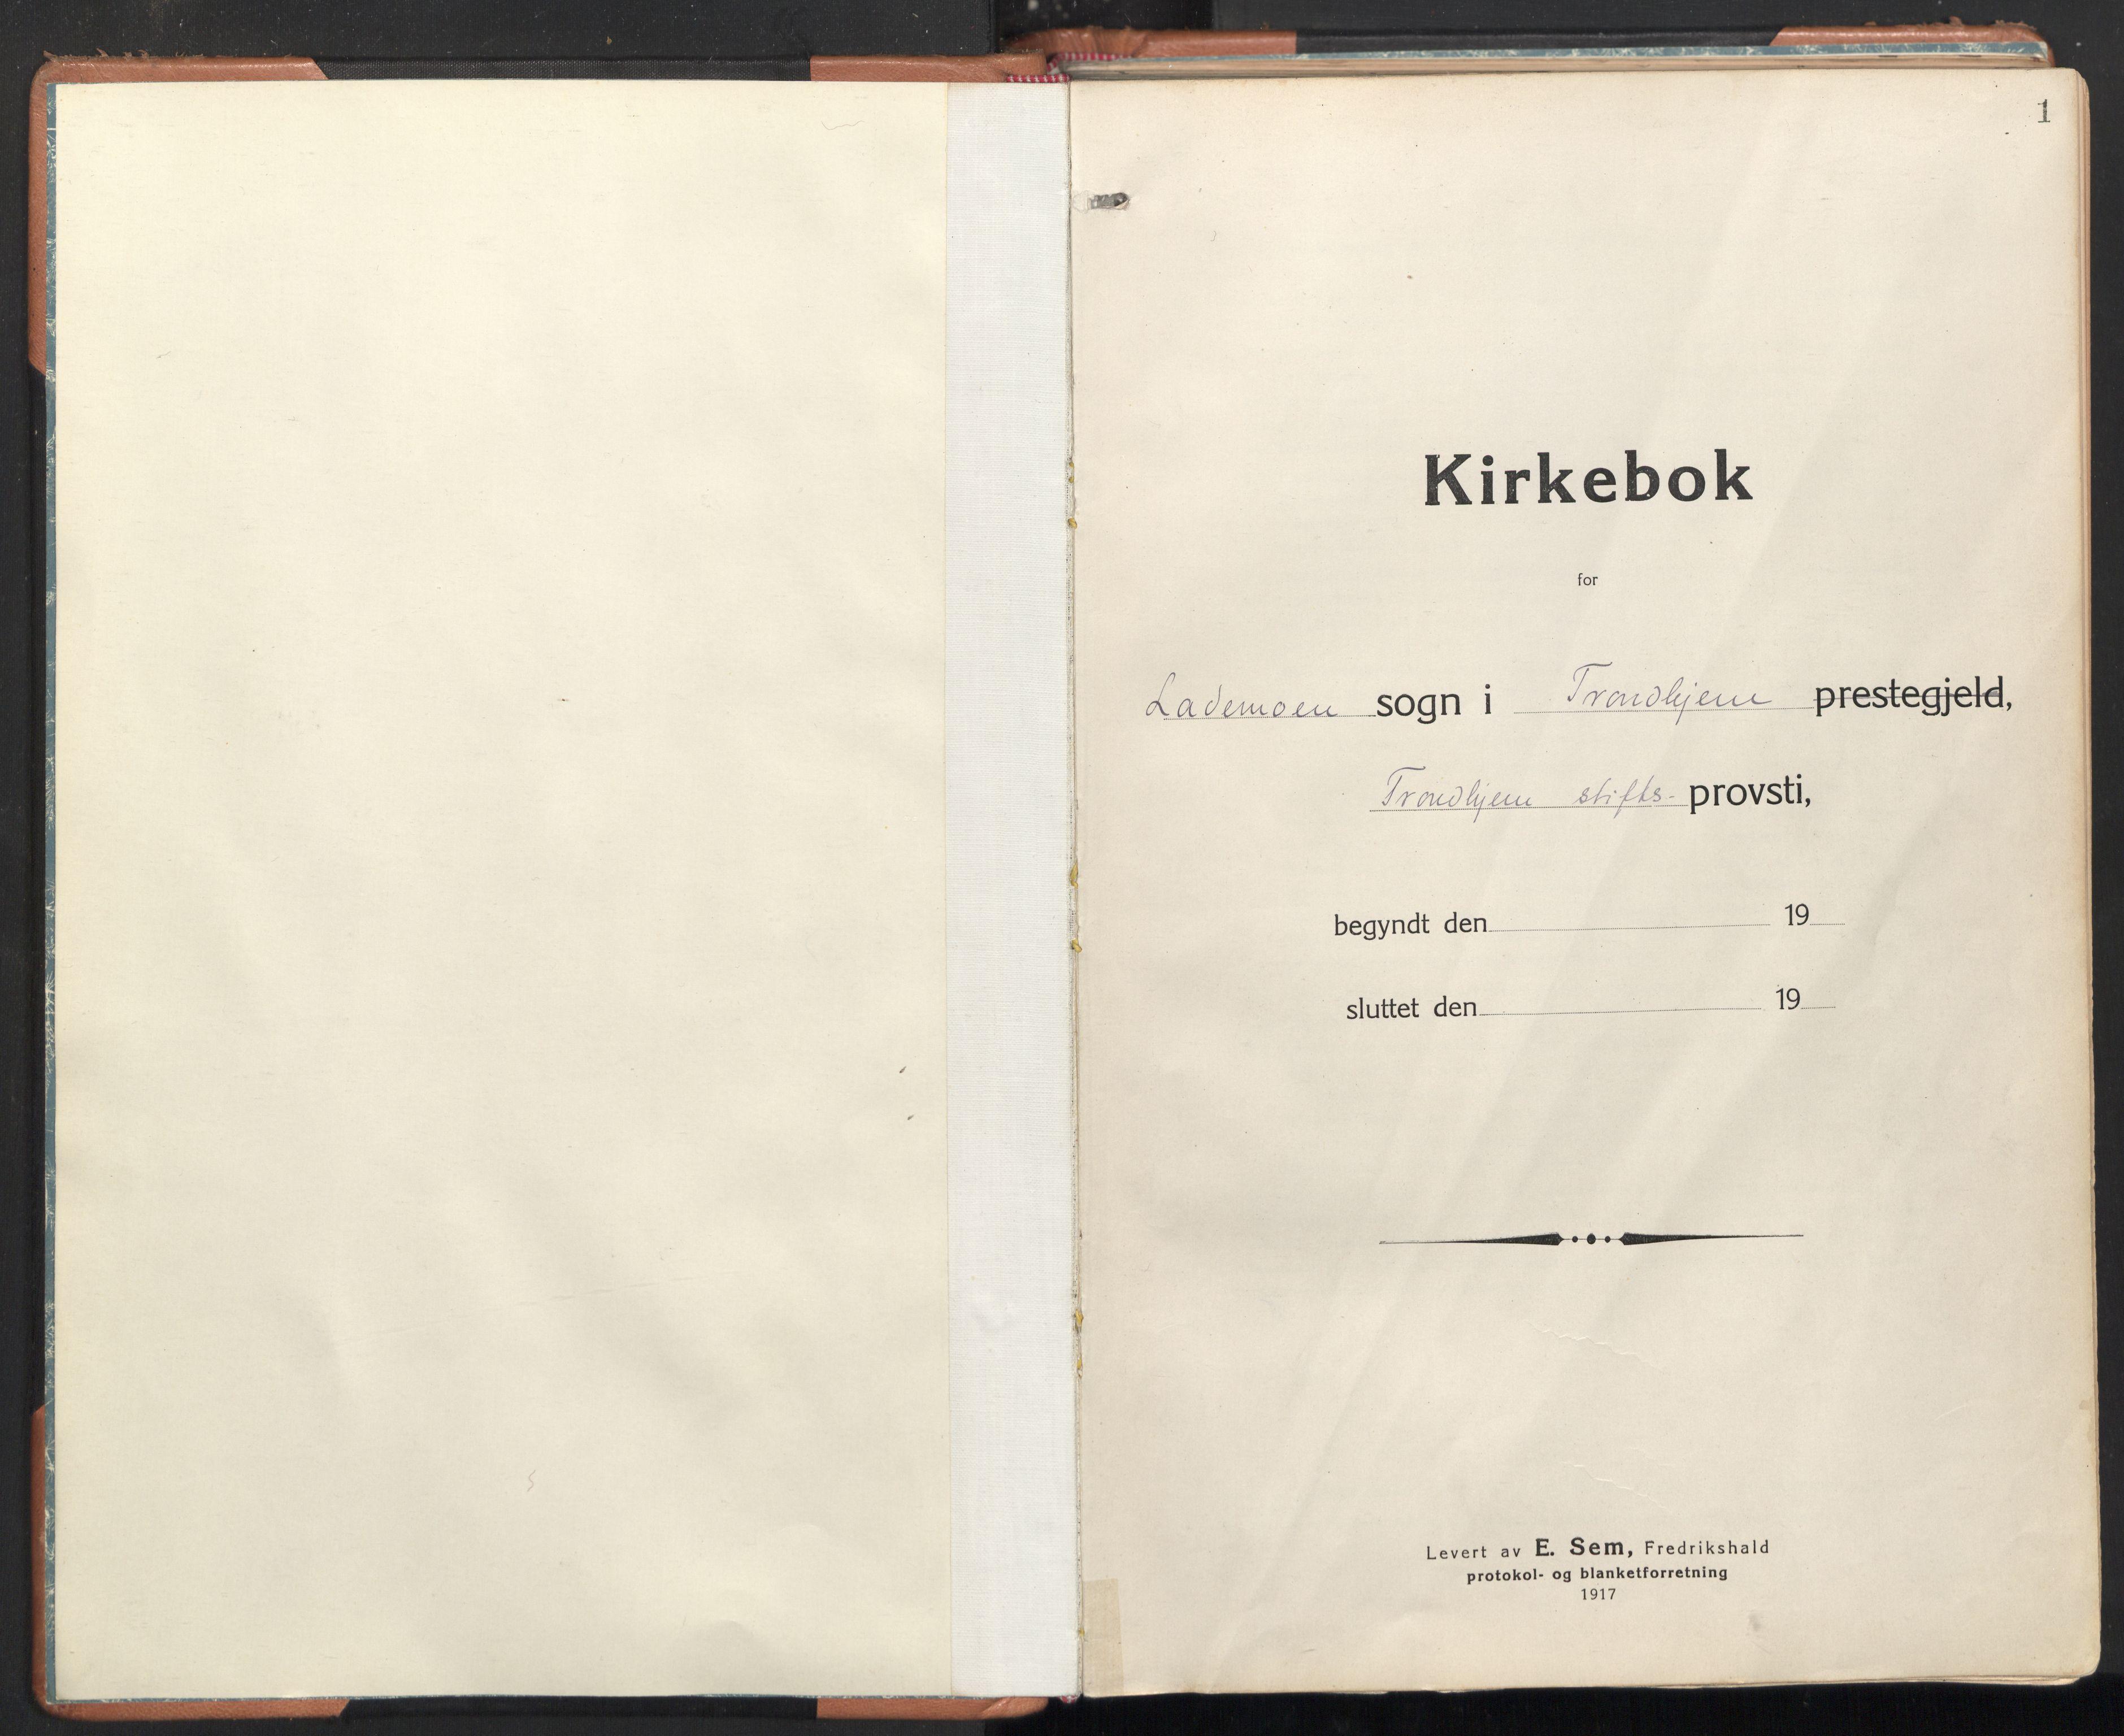 SAT, Ministerialprotokoller, klokkerbøker og fødselsregistre - Sør-Trøndelag, 605/L0248: Ministerialbok nr. 605A10, 1920-1937, s. 1